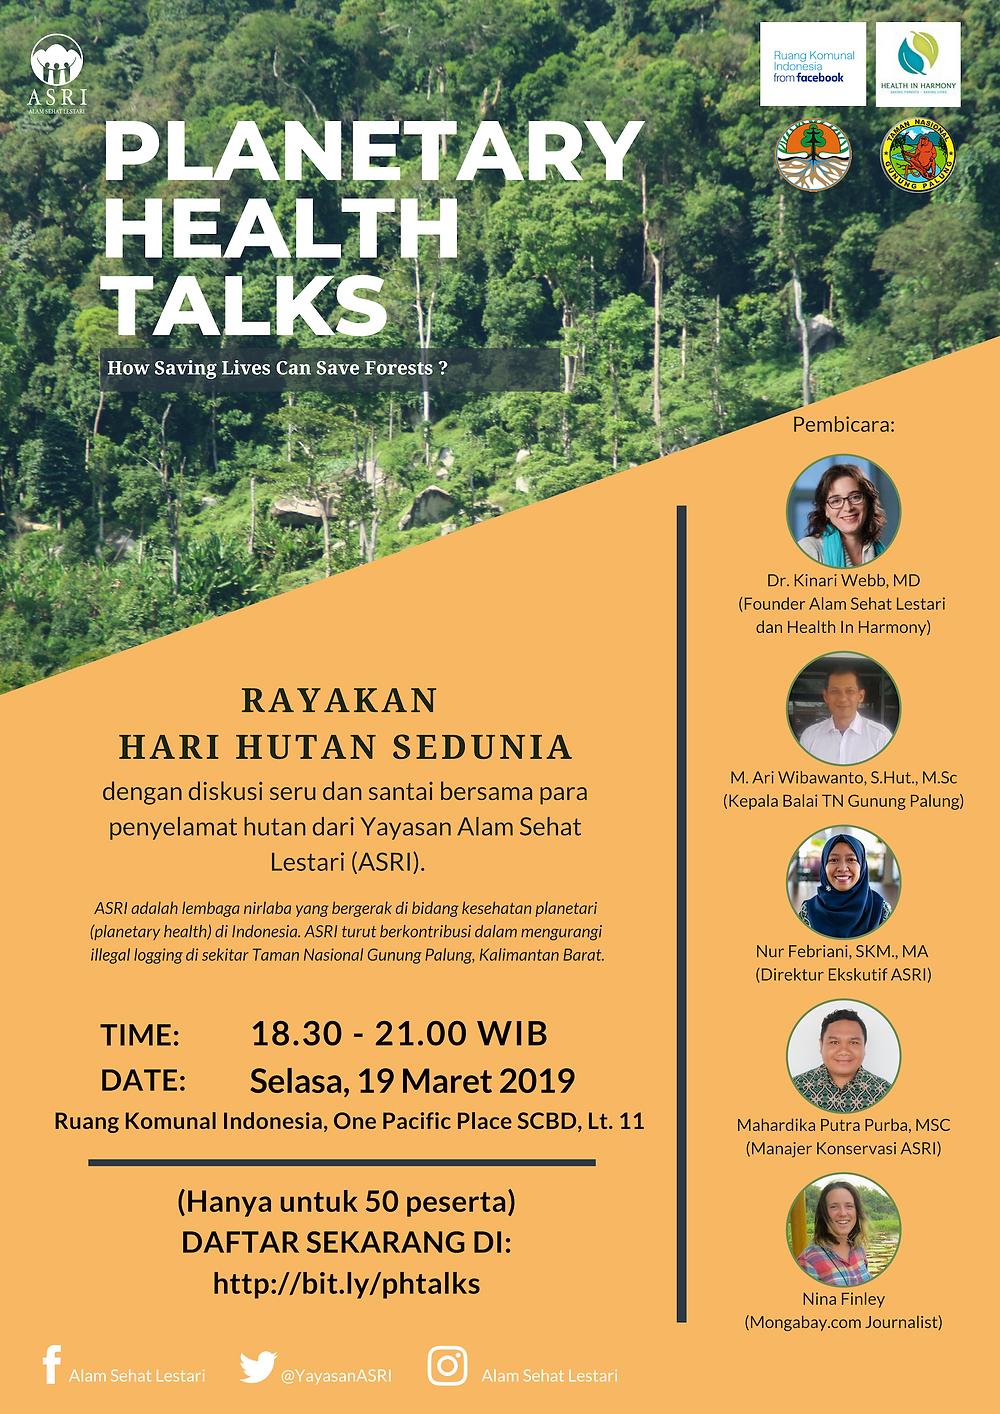 Diskusi tentang kesehatan hutan dan kesehatan dunia